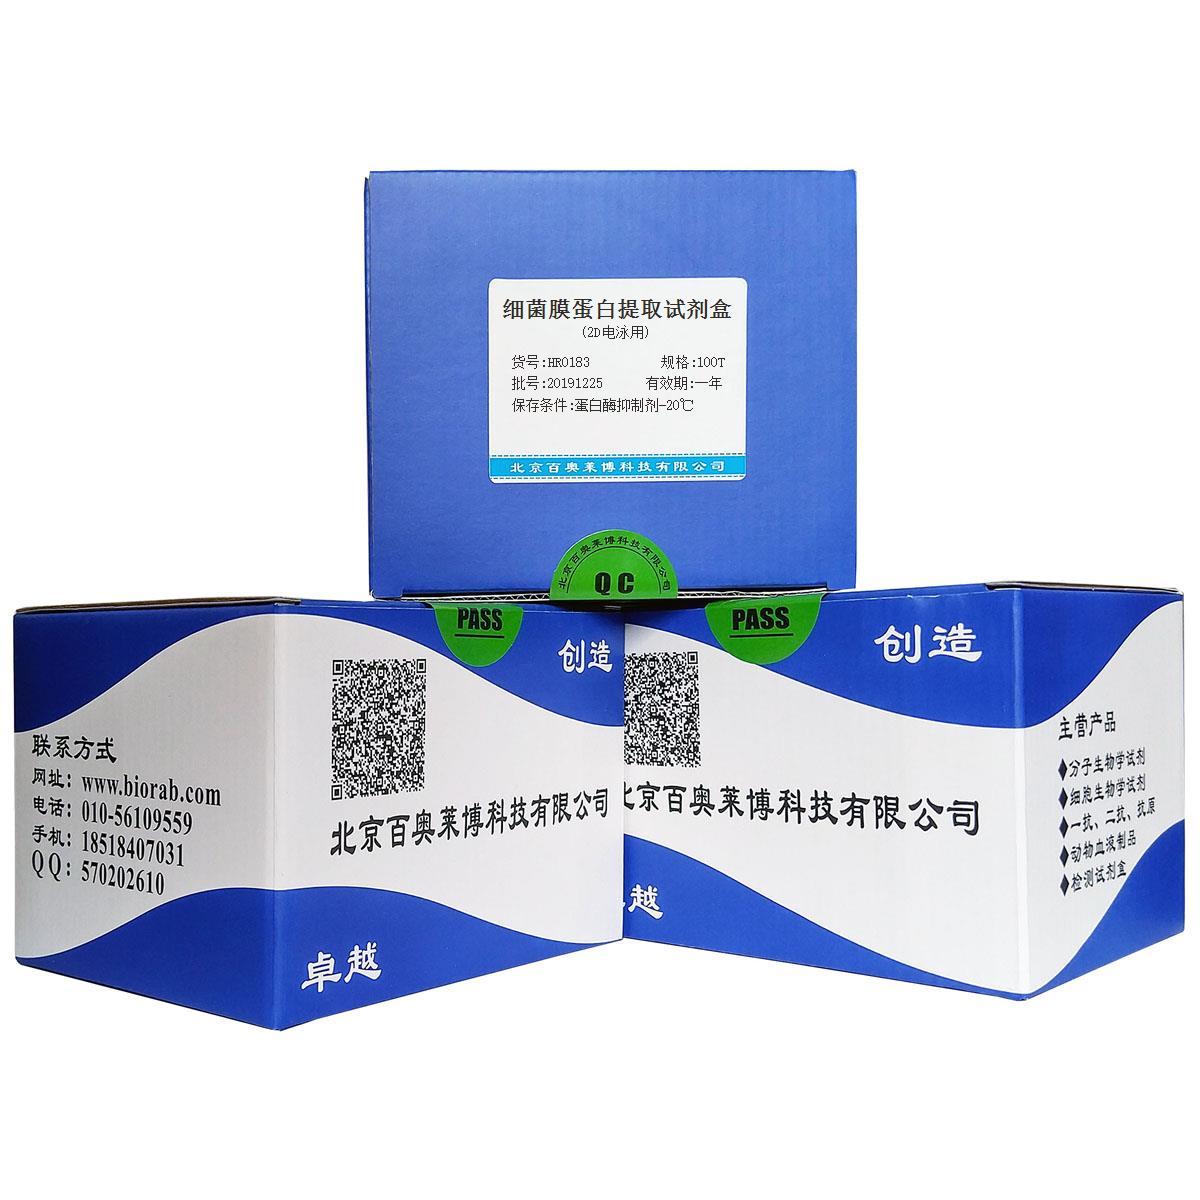 细菌膜蛋白提取试剂盒(2D电泳用)北京厂家